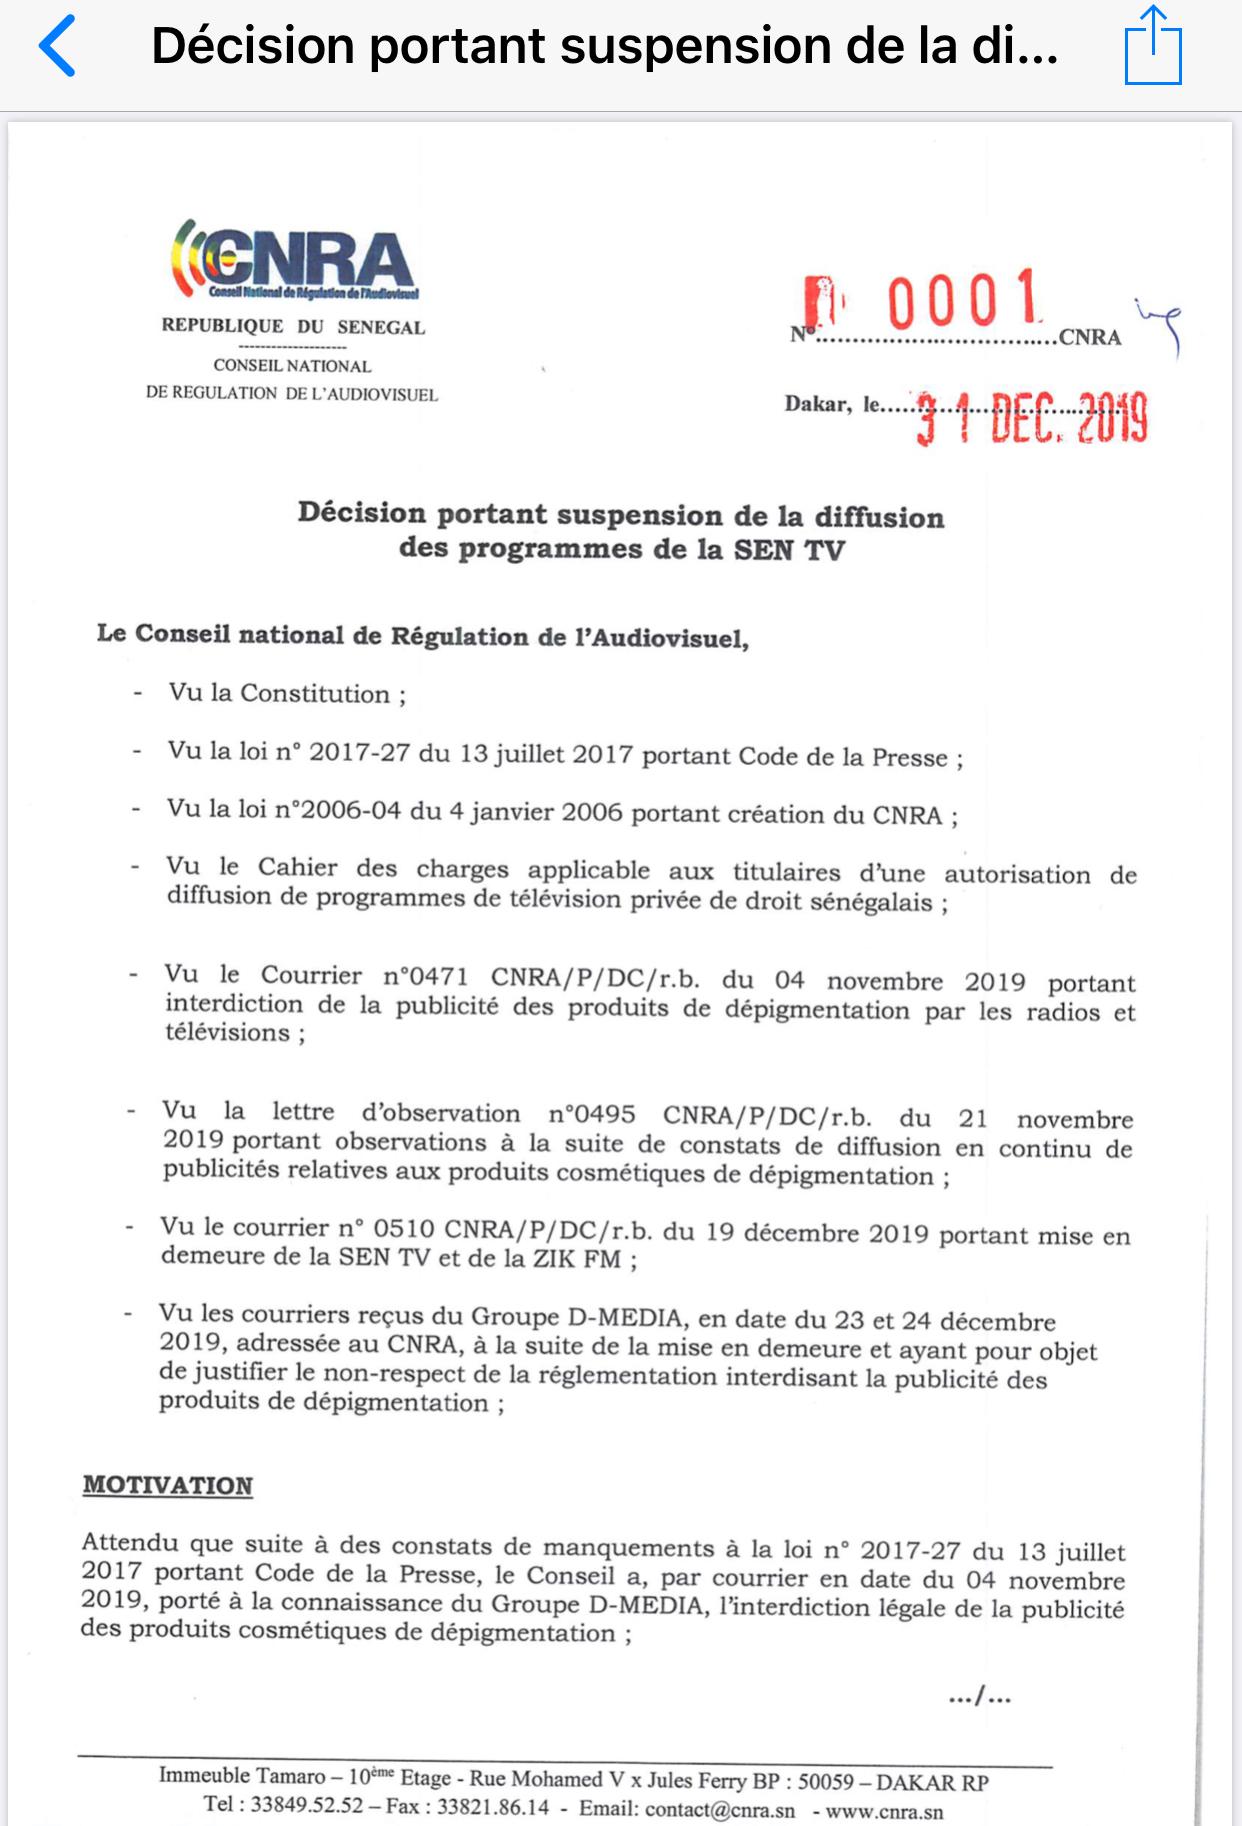 """Numéro Décision """"Suspension programmes Sen Tv"""": N°0001 du 31 décembre 2019"""